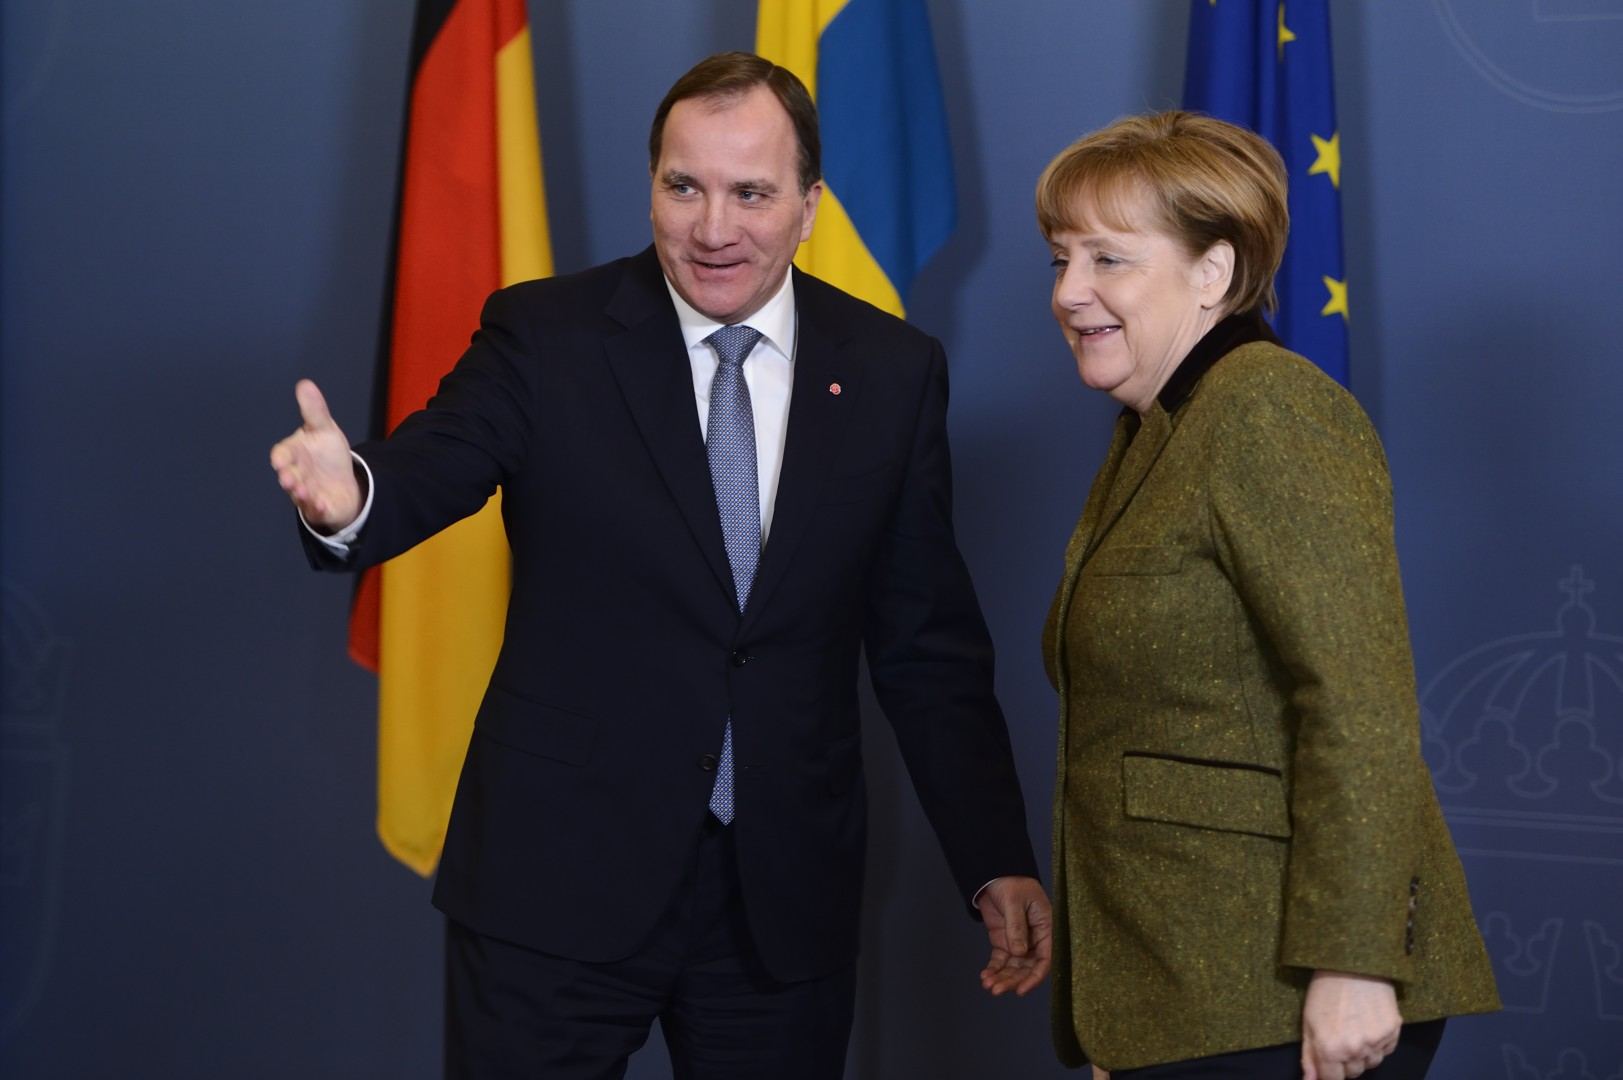 Švedski premier Stefan Lofven in nemška kanclerka Angela Merkel. Voditelja držav, ki sta sprejela največ nezakonitih migrantov in se soočata s padcem priljubljenosti (foto: epa)